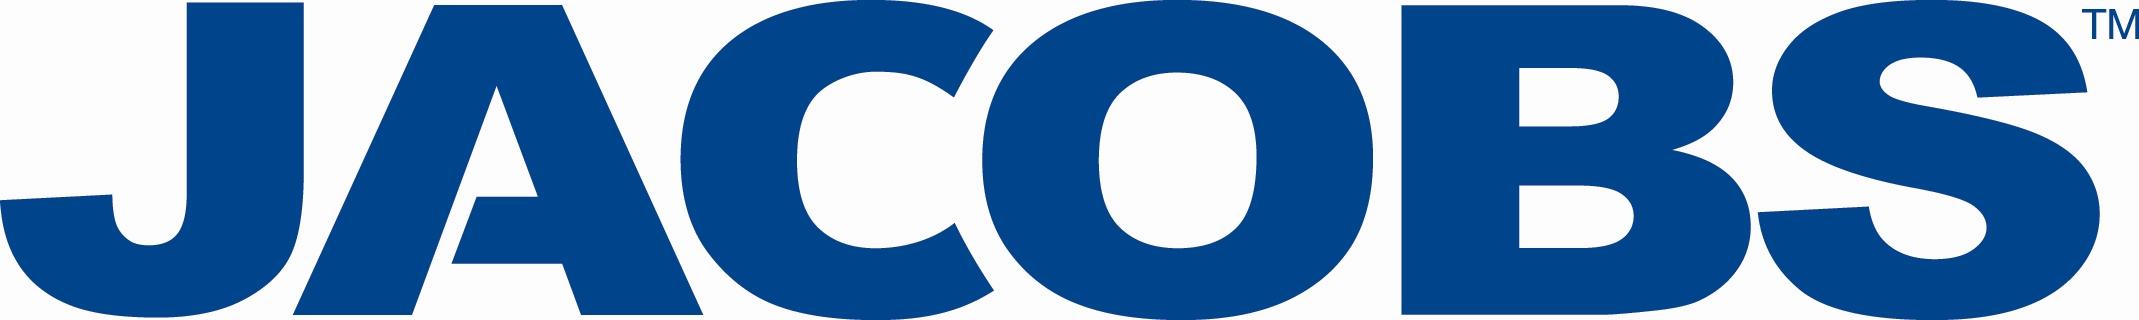 Jacobs  - Mobility logo